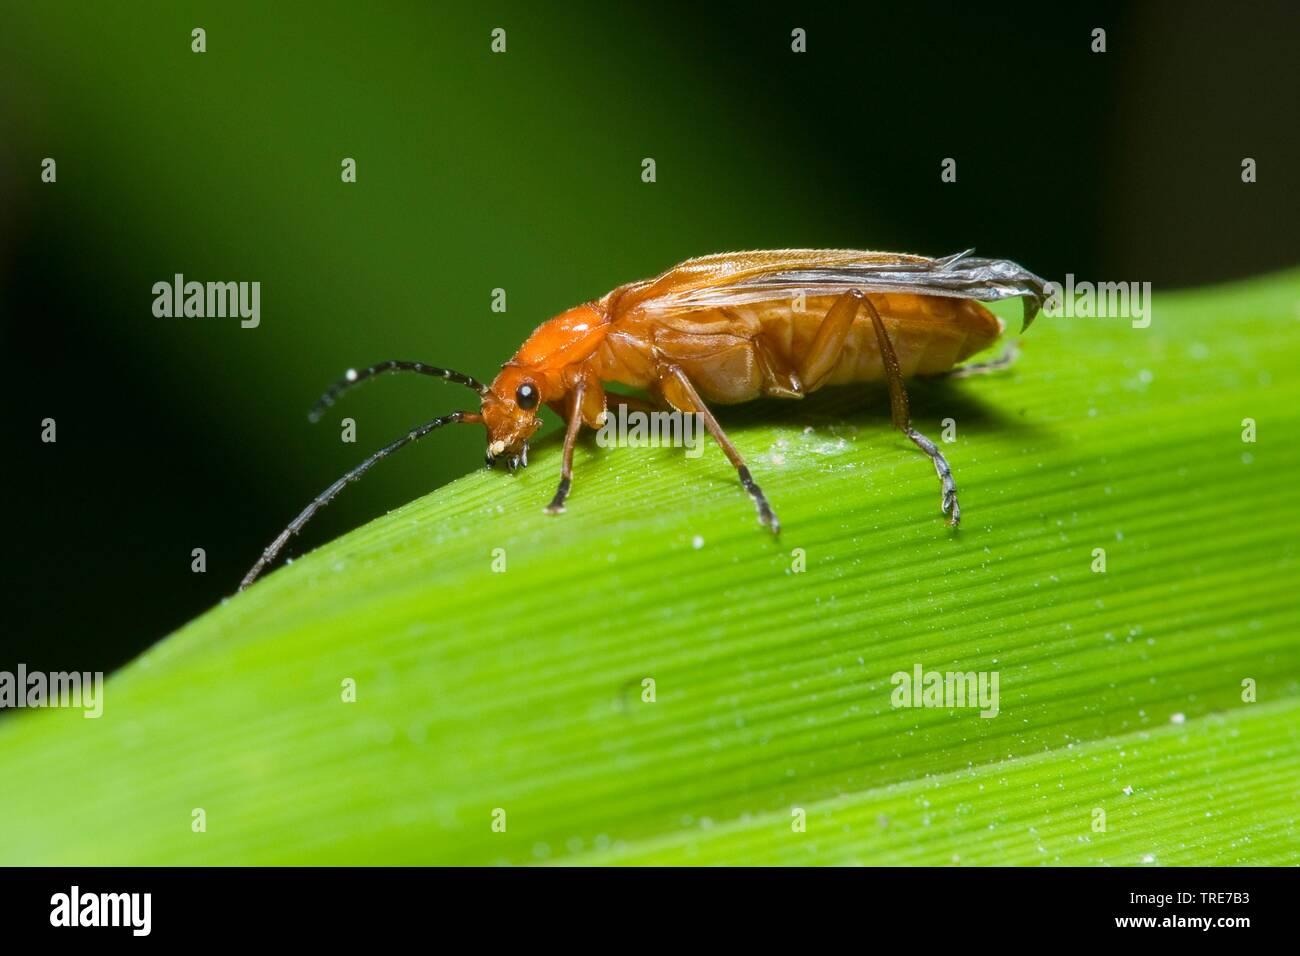 Schwarzzipfeliger Weichkaefer, Rotgelber Weichkaefer, Brauner Weichkaefer, Schwarzzipfeliger Weichkaefer (Rhagonycha fulva), sitzt auf einem Blatt, De - Stock Image